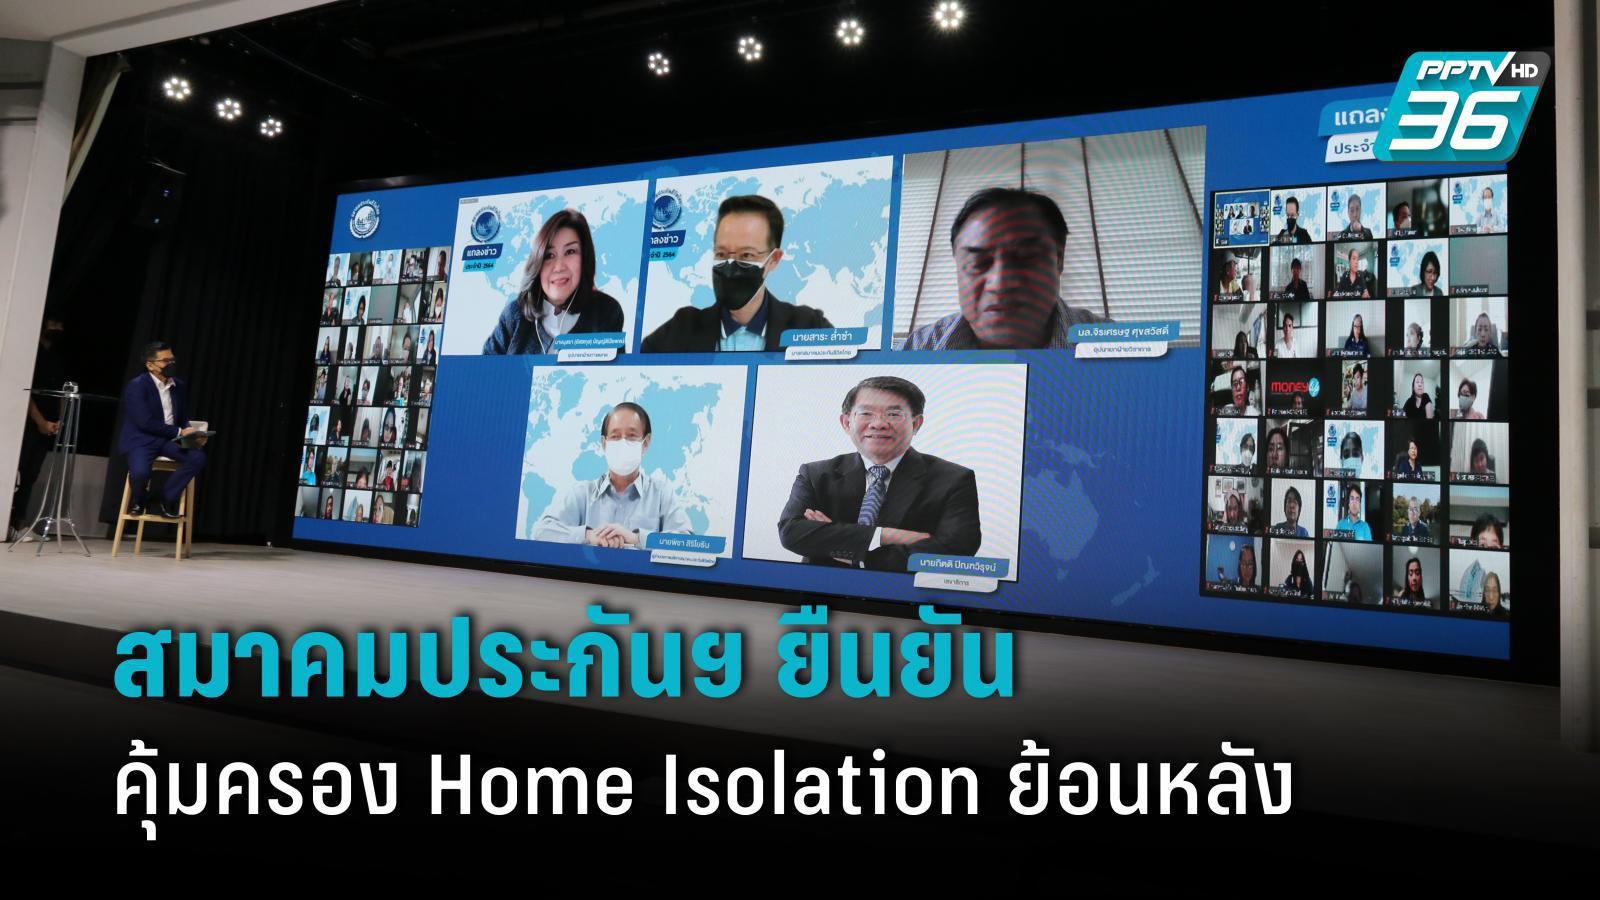 สมาคมประกันยันฯ คุ้มครองป่วยโควิด-19 Home isolation ย้อนหลัง